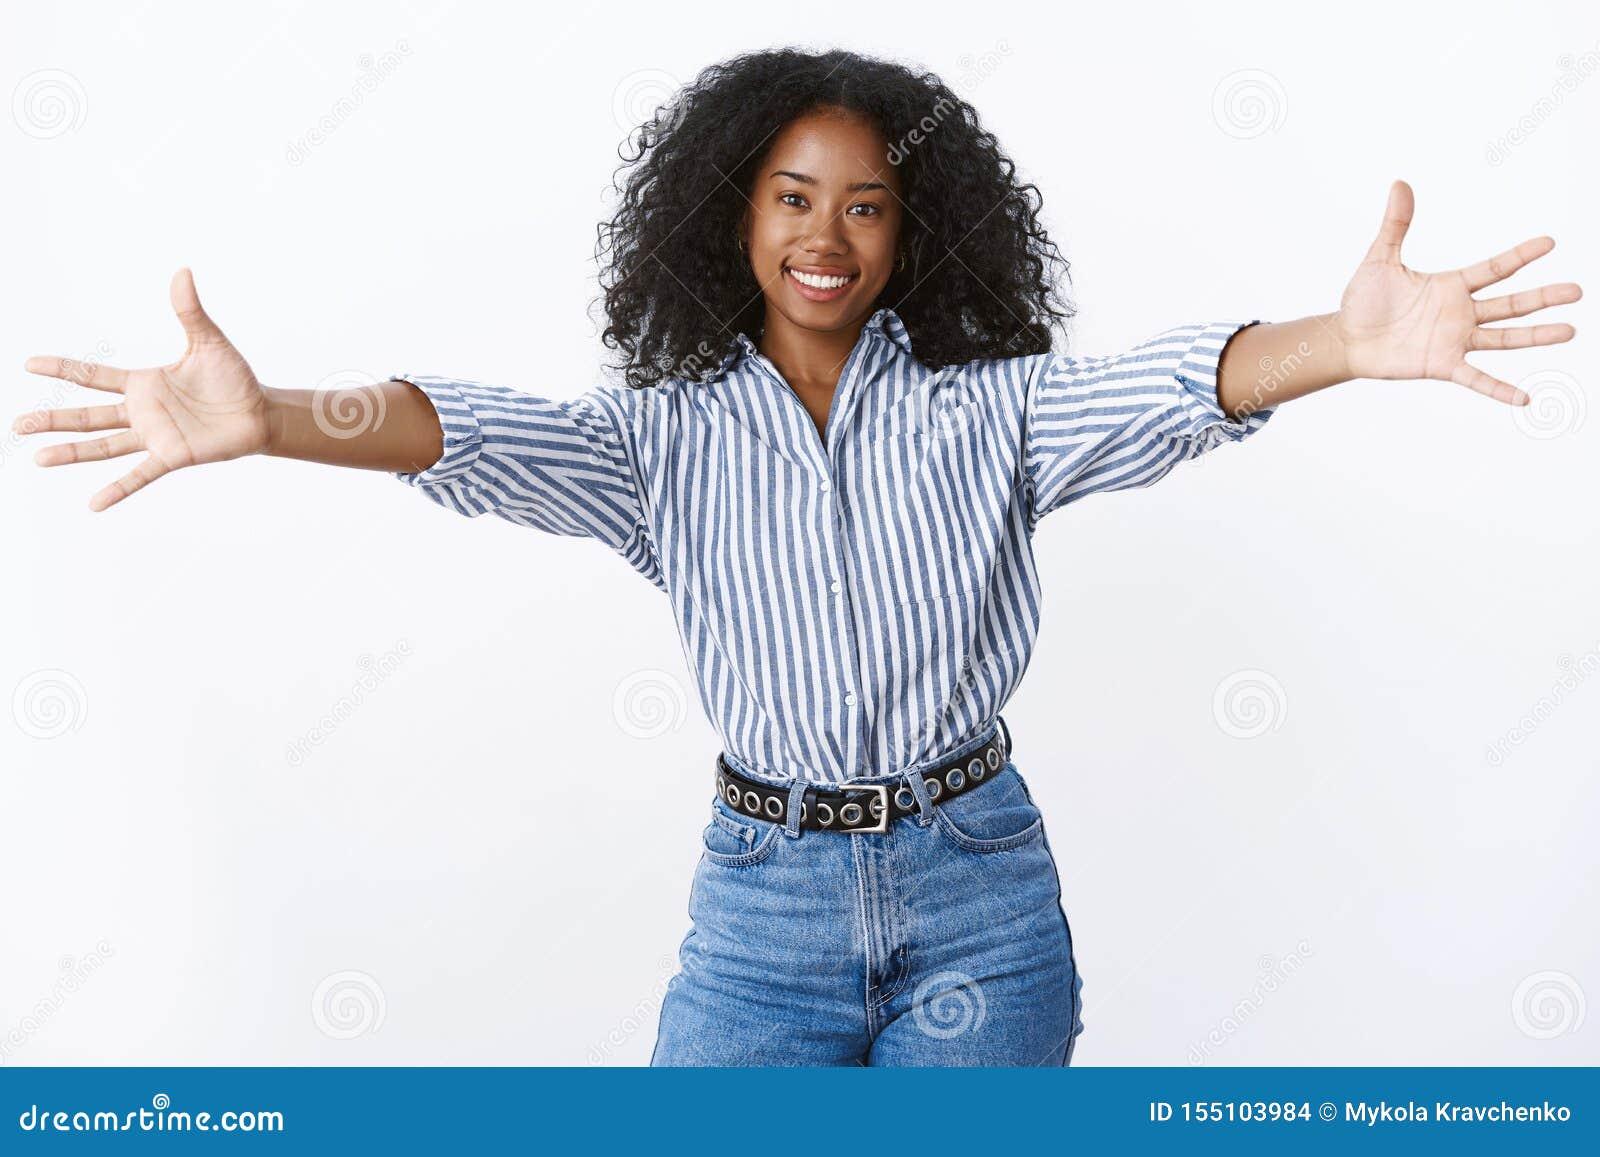 来让我拥抱您 画象友好可爱的女性非裔美国人的朋友给热烈欢迎要拥抱